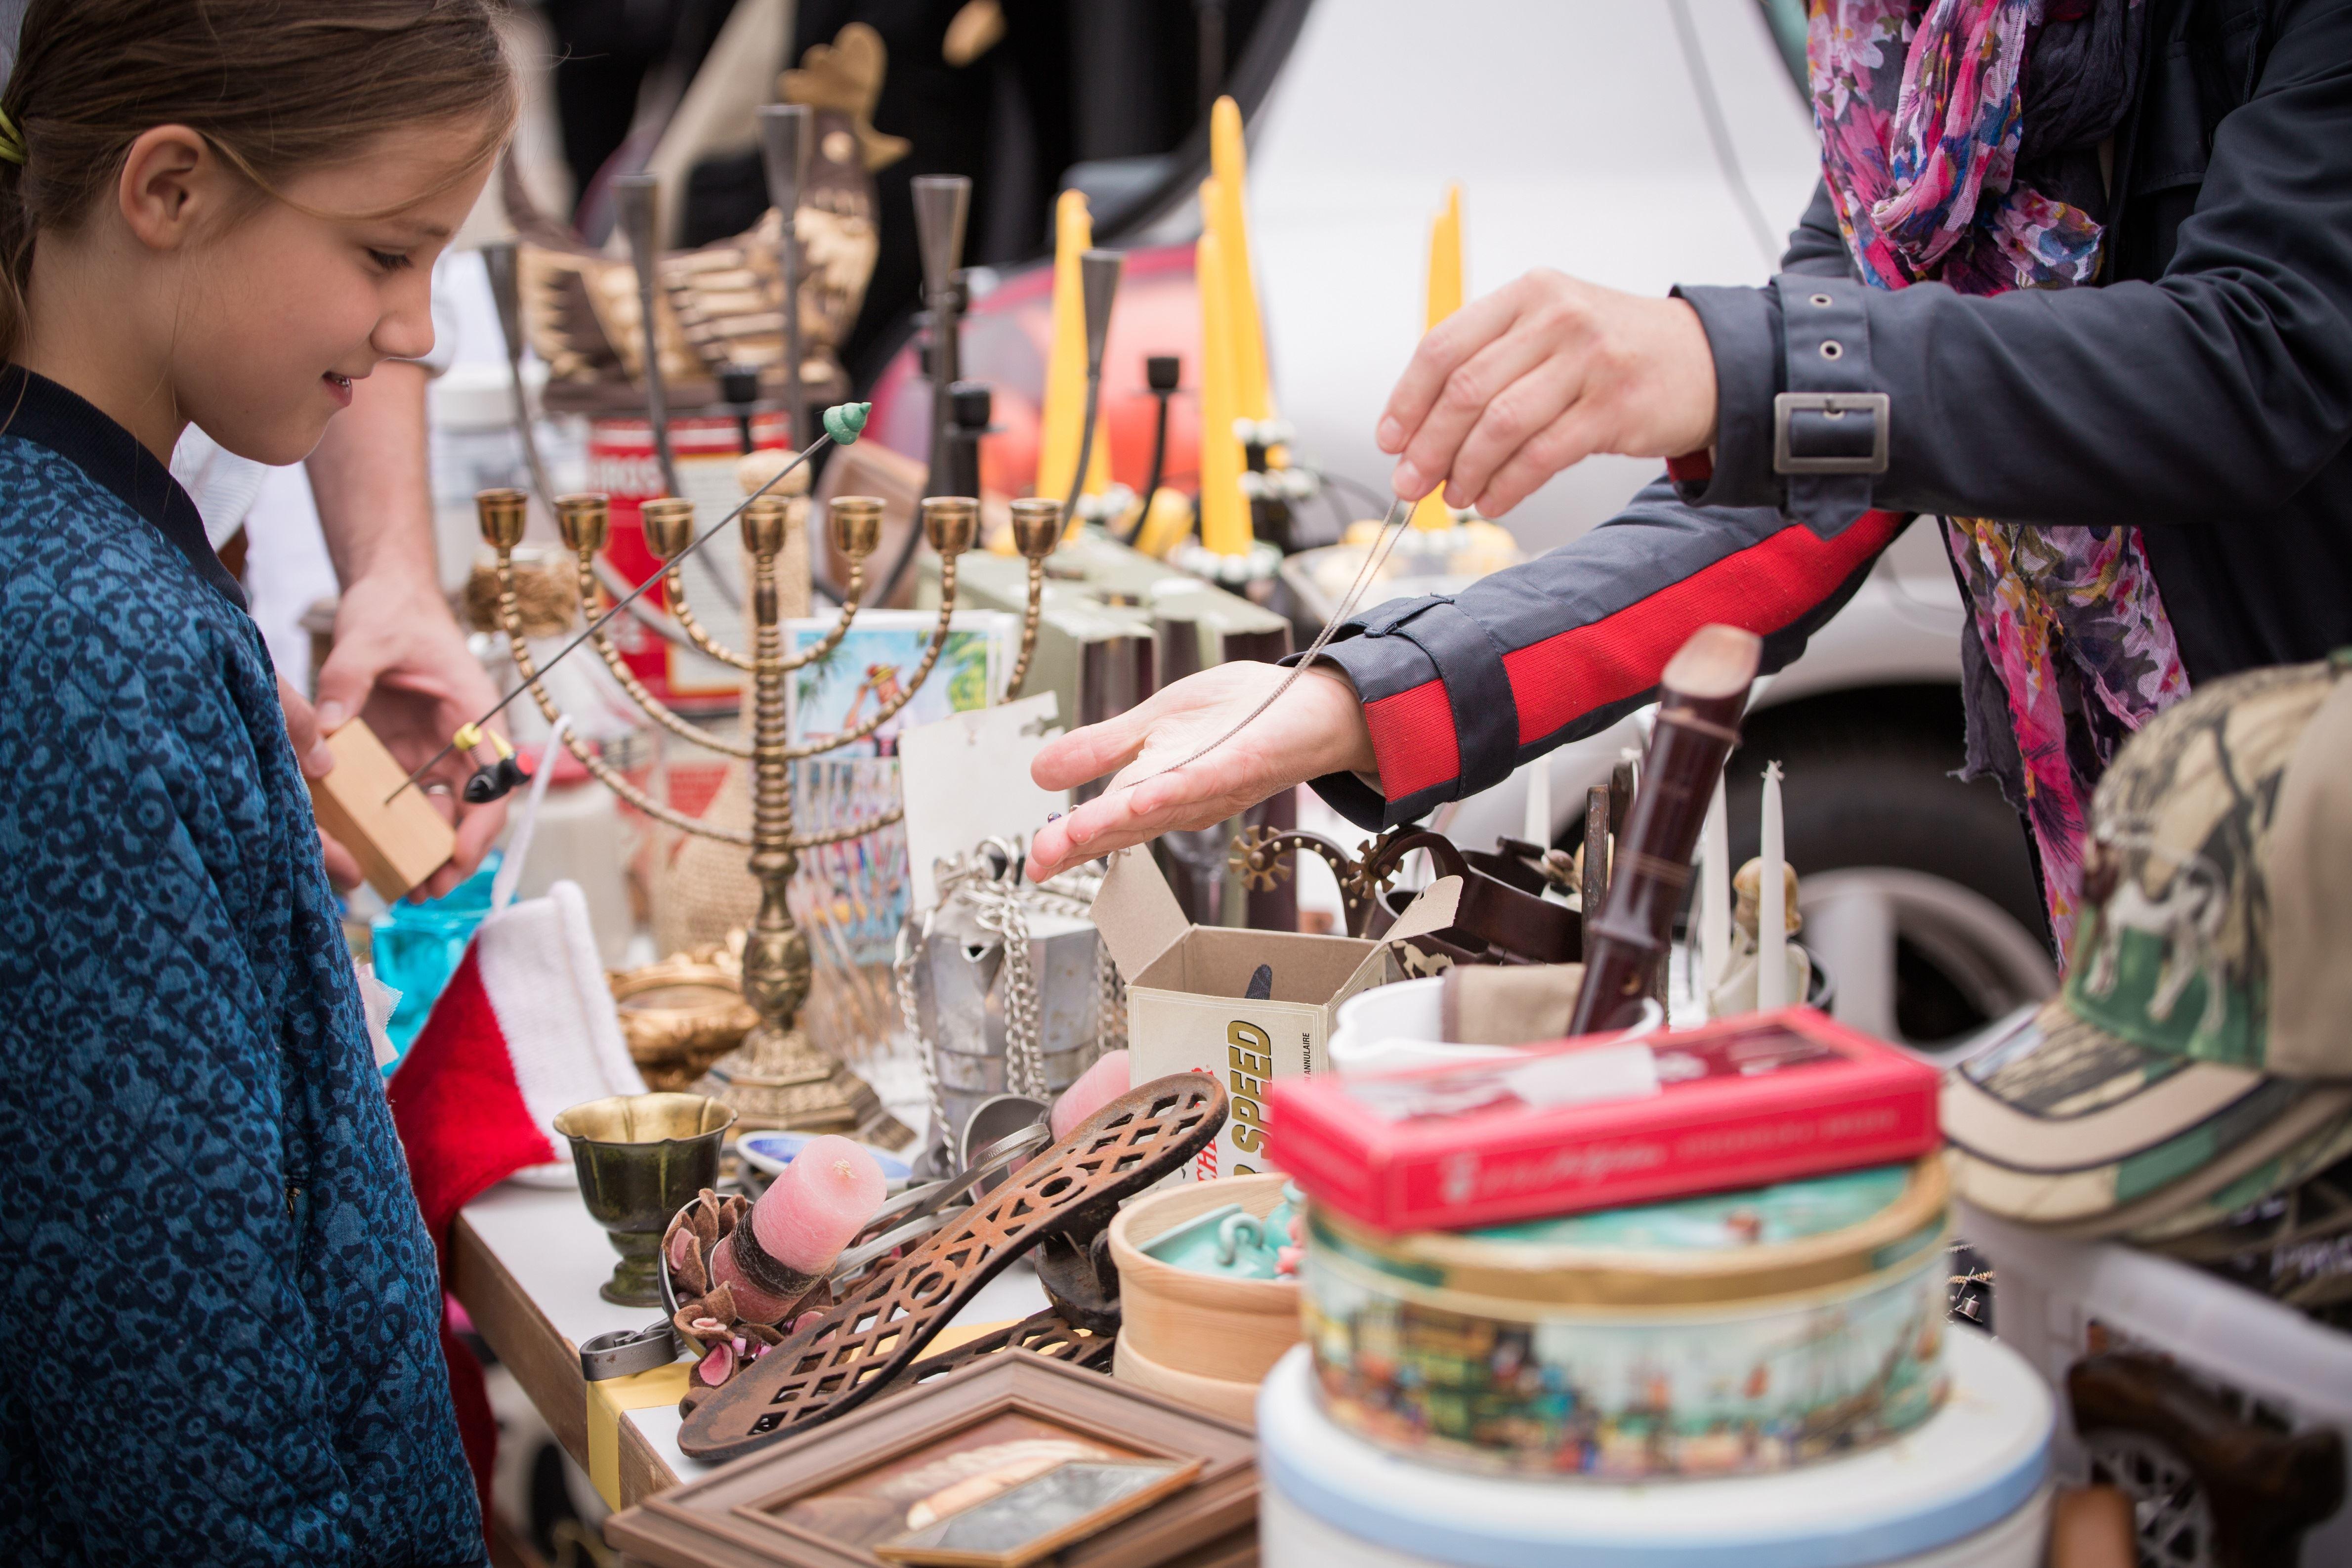 © Lena Evertsson, Flea Market at Tingstorget